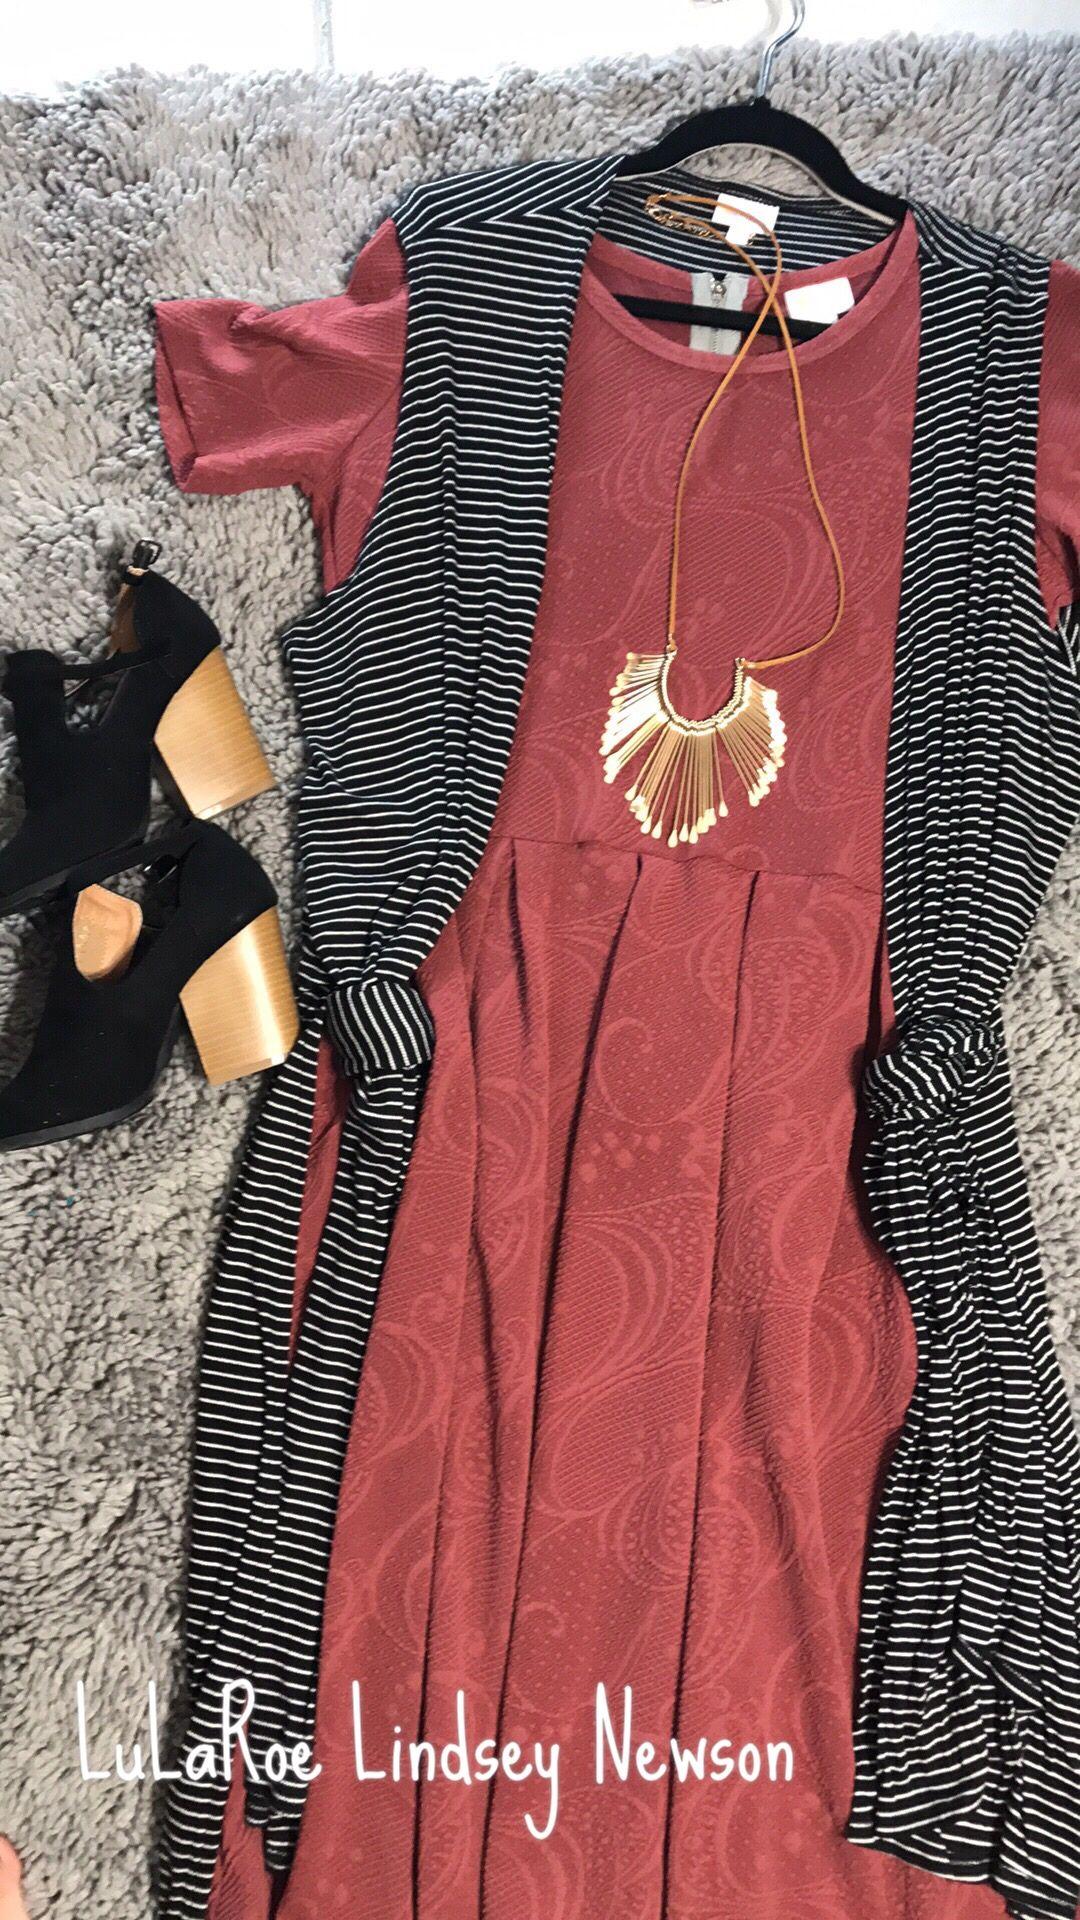 e07def83155c0 LuLaRoe Amelia and Joy vest. Stripes. Dusty Rose. Elegant and classic.  Women s dress. style.